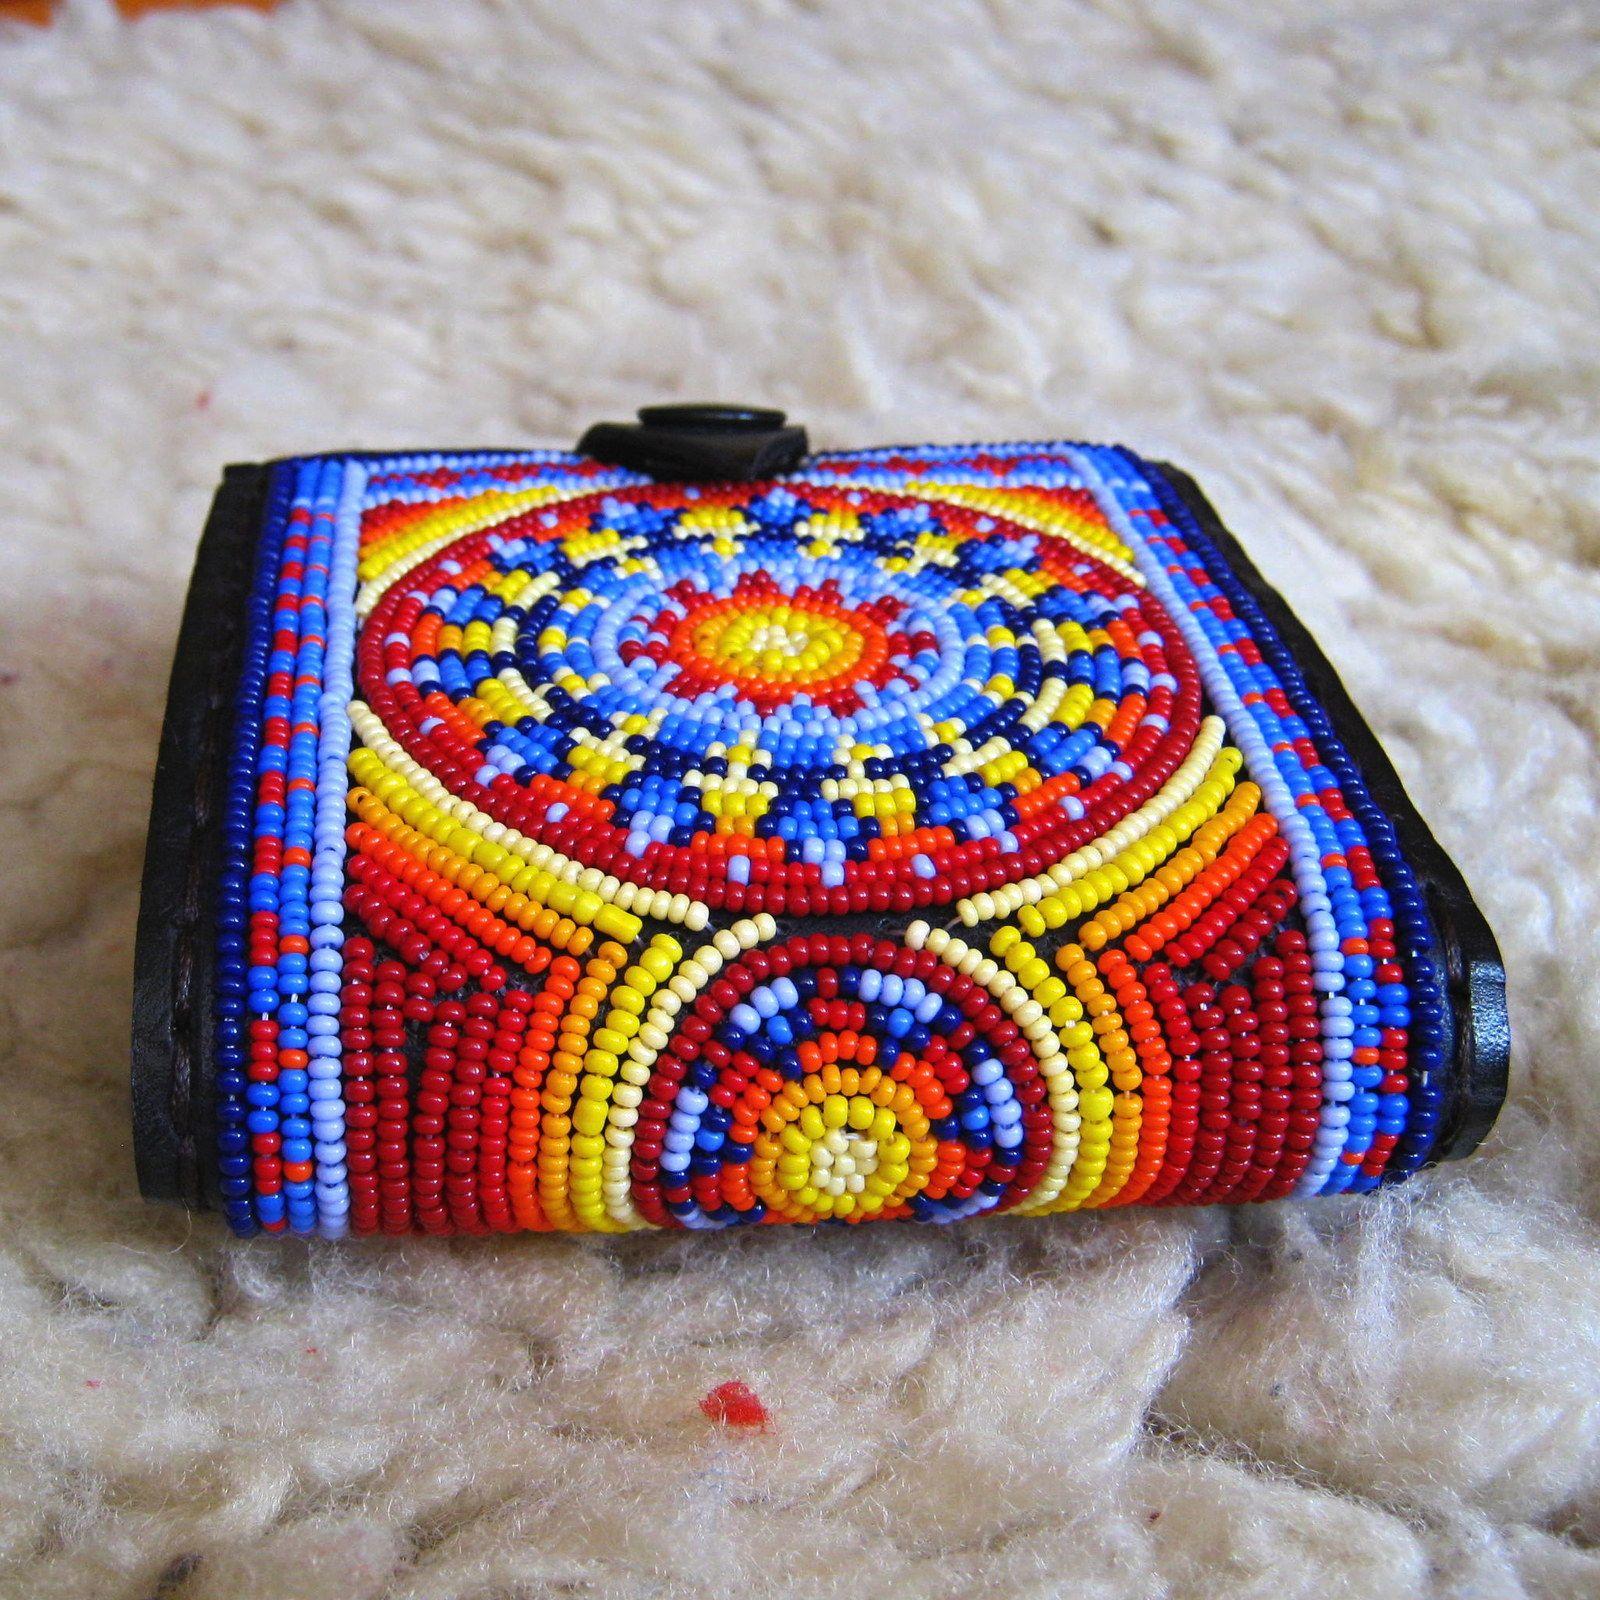 Kde se rodí hvězdy? Celovyšívaná zcela originální ručně šitá peněženka, rozměr 10x10cm. Korálky jsou přišívány přímo do kůže velmi pevnou obuvnickou nití a vydrží i dětské zoubky:) Cela peněženka je koženná. Vše je šité kvalitní obuvnickou nití. Vevnitř je jedna přihrádka na papírové peníze, jedna kapsa na drobné se zapínáním na magnetky a dvě ...